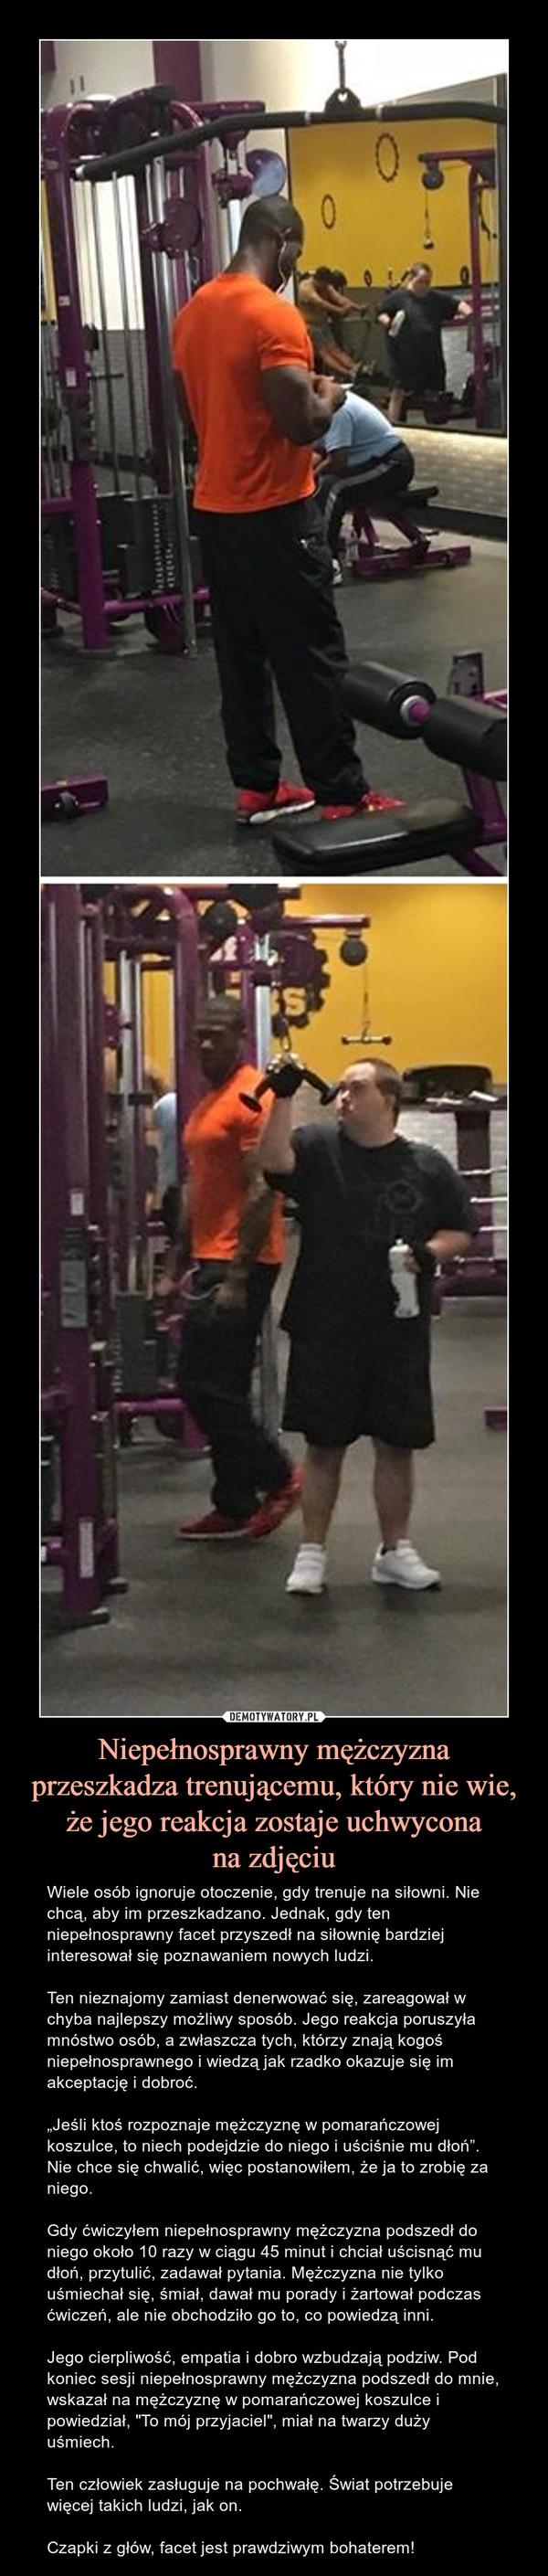 """Niepełnosprawny mężczyzna przeszkadza trenującemu, który nie wie, że jego reakcja zostaje uchwyconana zdjęciu – Wiele osób ignoruje otoczenie, gdy trenuje na siłowni. Nie chcą, aby im przeszkadzano. Jednak, gdy ten niepełnosprawny facet przyszedł na siłownię bardziej interesował się poznawaniem nowych ludzi.Tennieznajomy zamiast denerwować się, zareagował w chyba najlepszy możliwy sposób. Jego reakcja poruszyła mnóstwo osób, a zwłaszcza tych, którzy znają kogoś niepełnosprawnego i wiedzą jak rzadko okazuje się im akceptację i dobroć. """"Jeśli ktoś rozpoznaje mężczyznę w pomarańczowej koszulce, to niech podejdzie do niego i uściśnie mu dłoń"""". Nie chce się chwalić, więc postanowiłem, że ja to zrobię za niego. Gdy ćwiczyłem niepełnosprawny mężczyzna podszedł do niego około 10 razy w ciągu 45 minut i chciał uścisnąć mu dłoń, przytulić, zadawał pytania. Mężczyzna nie tylko uśmiechał się, śmiał, dawał mu porady i żartował podczas ćwiczeń, ale nie obchodziło go to, co powiedzą inni. Jego cierpliwość, empatia i dobro wzbudzają podziw. Pod koniec sesji niepełnosprawny mężczyzna podszedł do mnie, wskazał na mężczyznę w pomarańczowej koszulce i powiedział, """"To mój przyjaciel"""", miał na twarzy duży uśmiech. Ten człowiek zasługuje na pochwałę. Świat potrzebuje więcej takich ludzi, jak on.Czapki z głów, facet jest prawdziwym bohaterem!"""